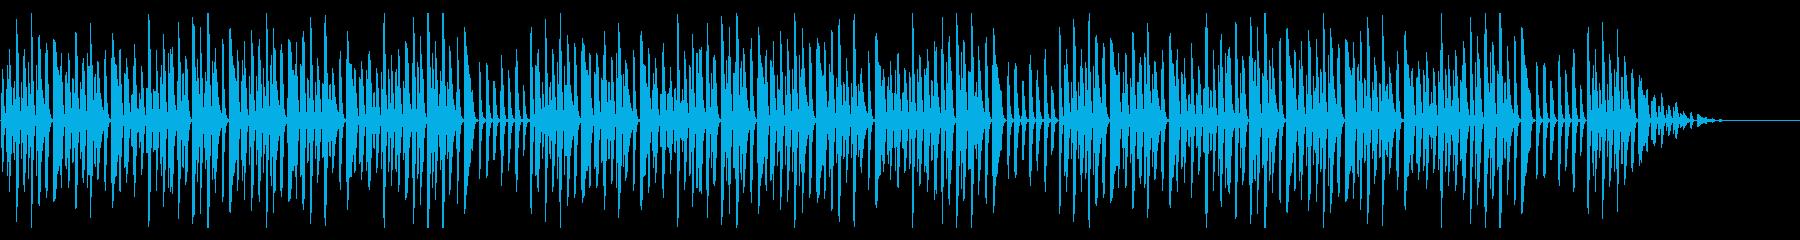 幸せなら手を叩こう シンプルなピアノソロの再生済みの波形